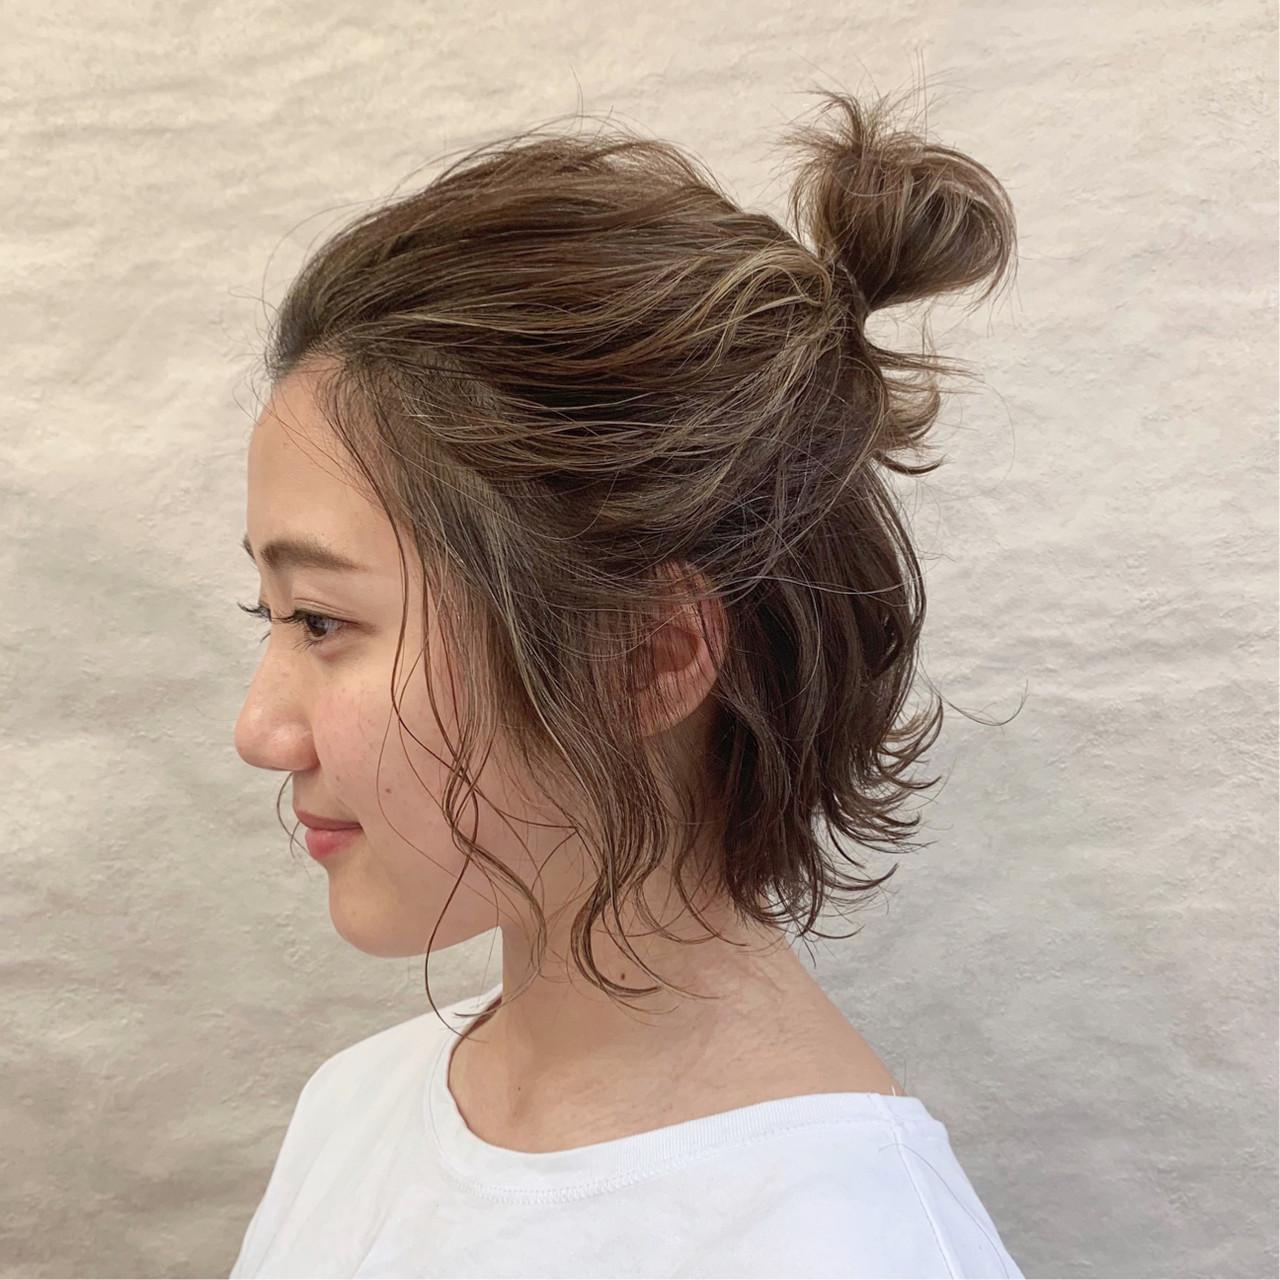 アウトドア デート オフィス ナチュラル ヘアスタイルや髪型の写真・画像 | 安永怜 / kakimotoarms田園調布